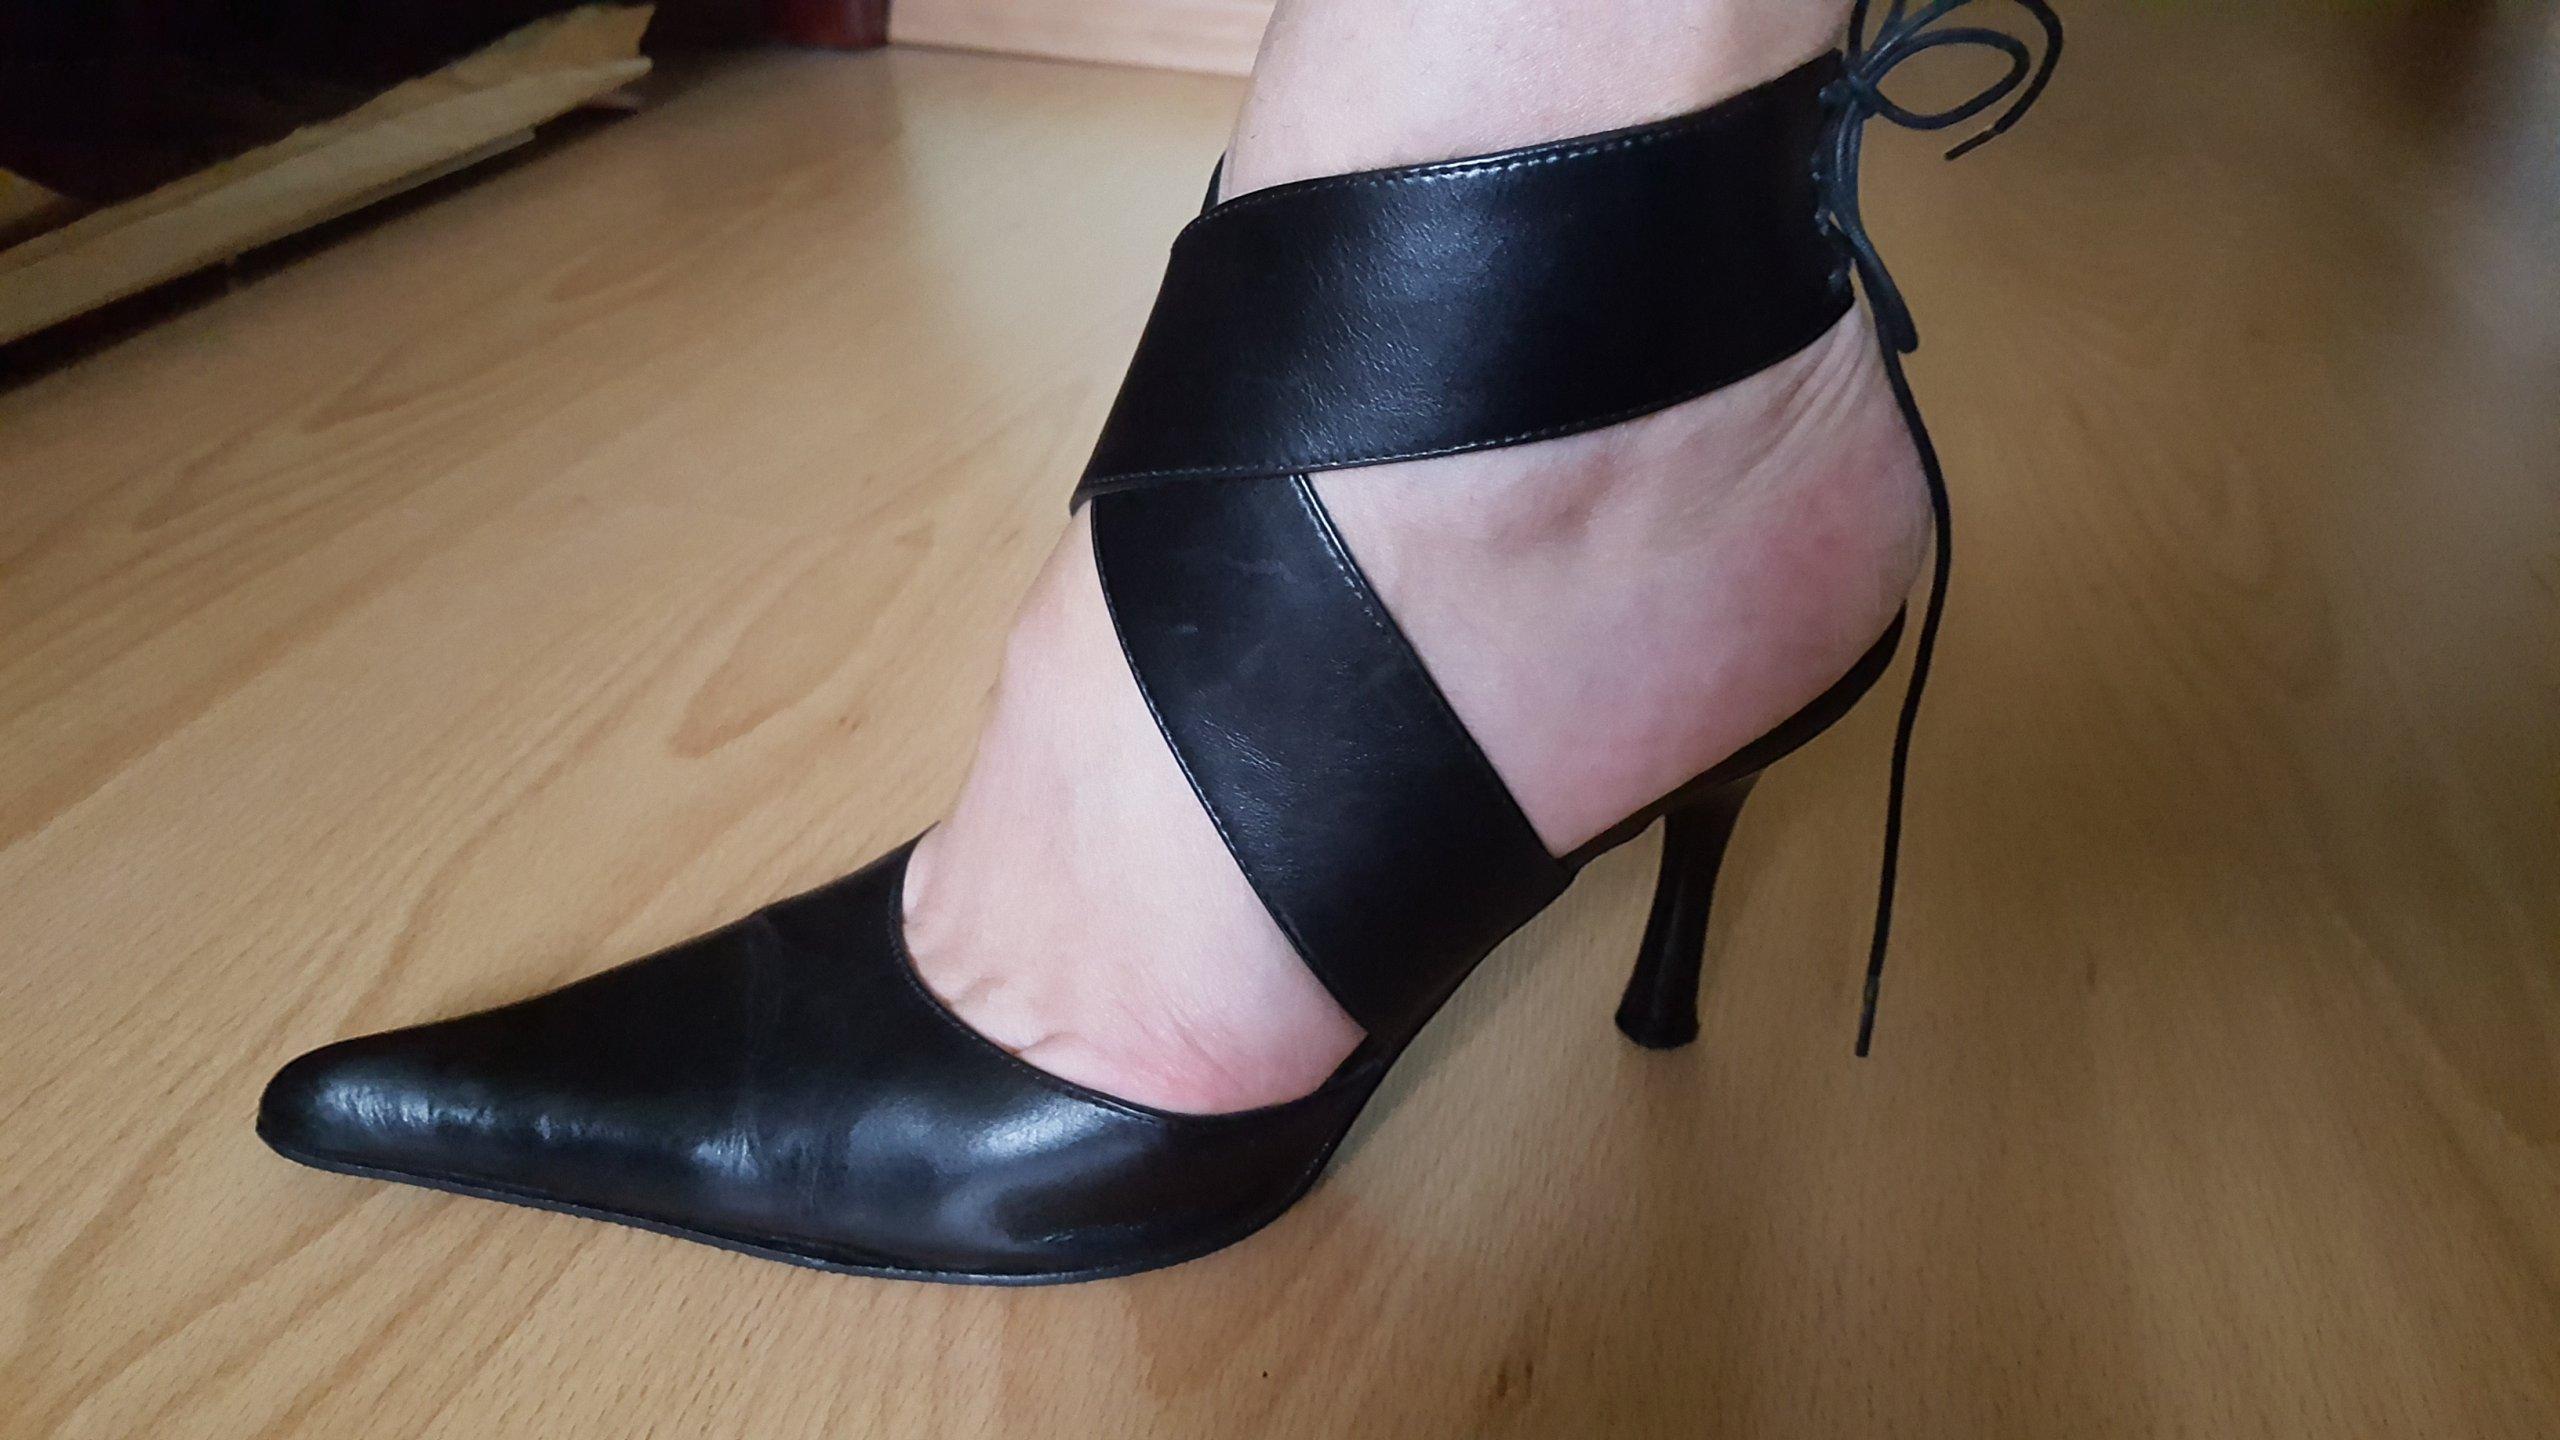 f08a08e41514a RYŁKO buty damskie szpilka 37 - 7102087686 - oficjalne archiwum allegro